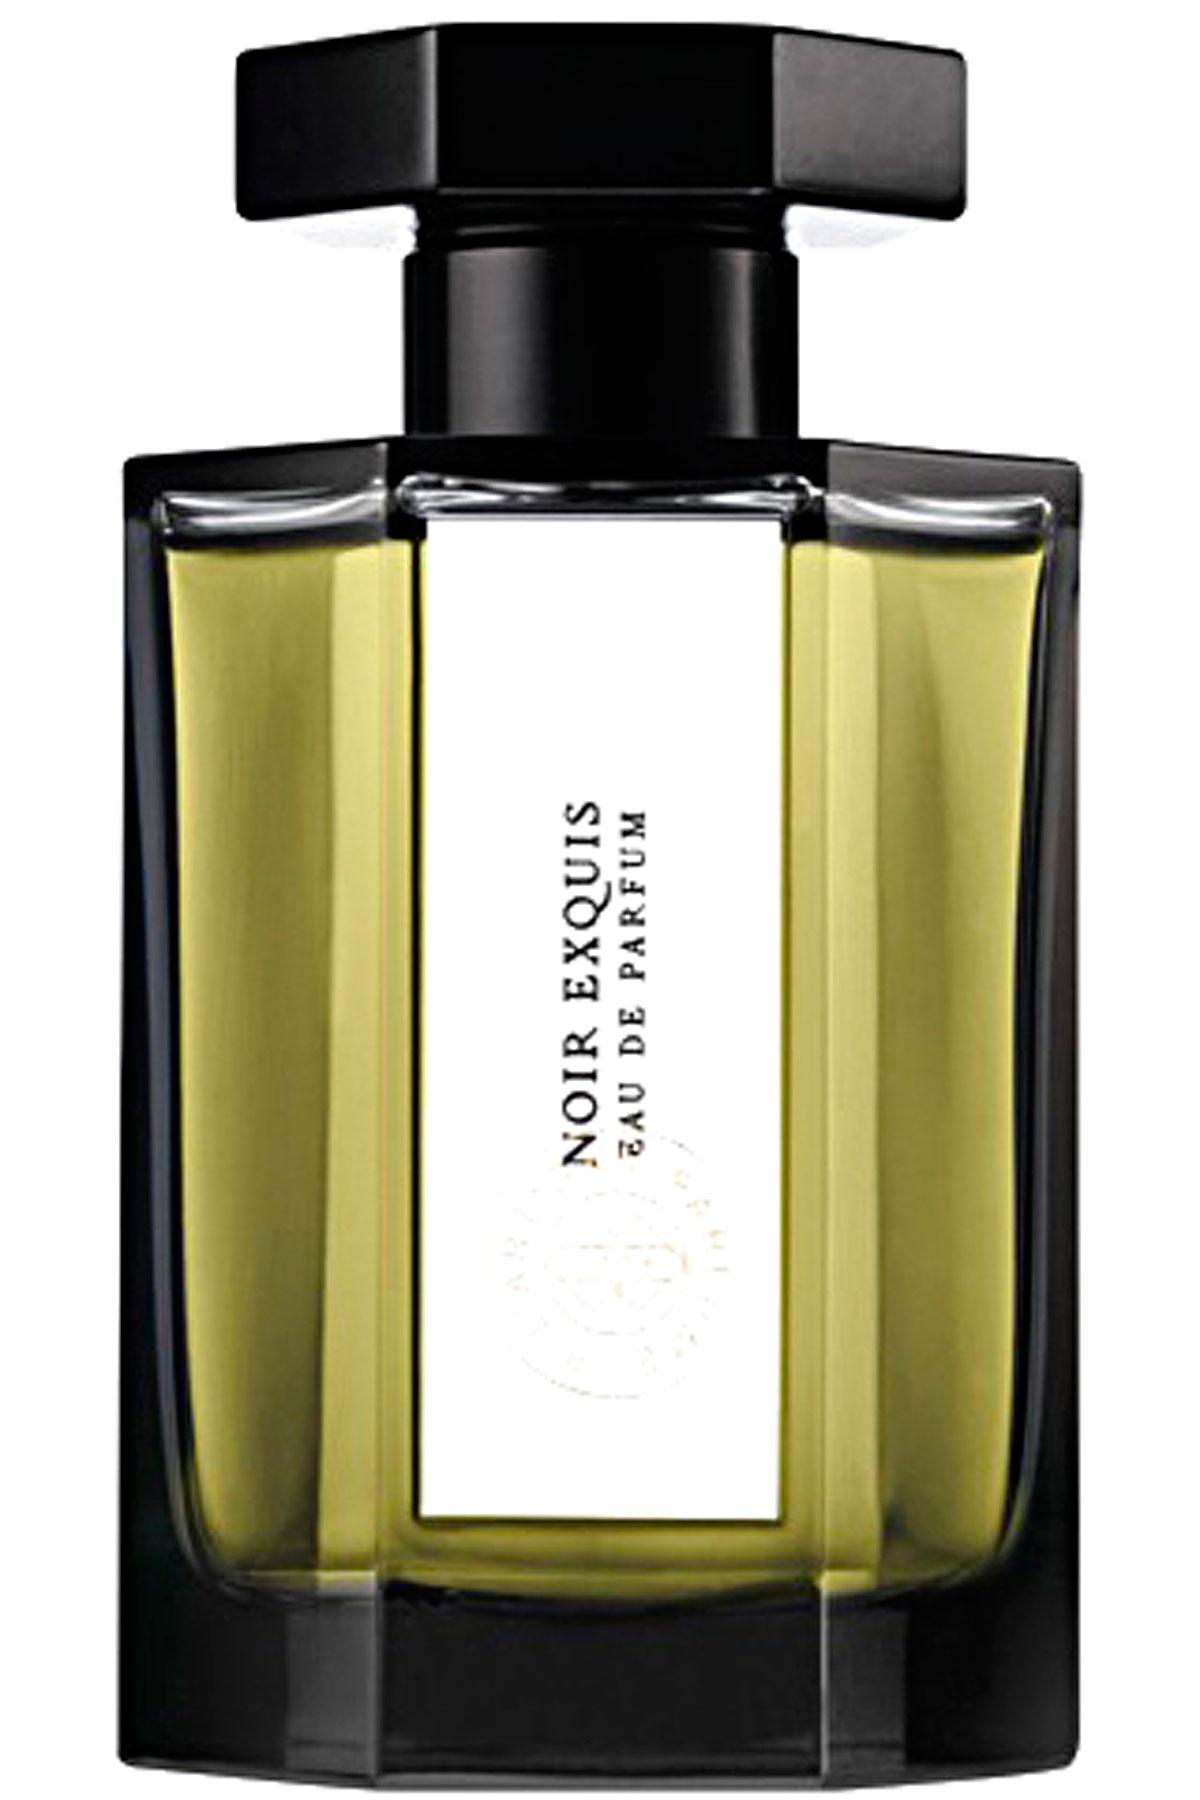 Artisan Parfumeur Fragrances for Men, Noir Exquis - Eau De Parfum - 100 Ml, 2019, 100 ml